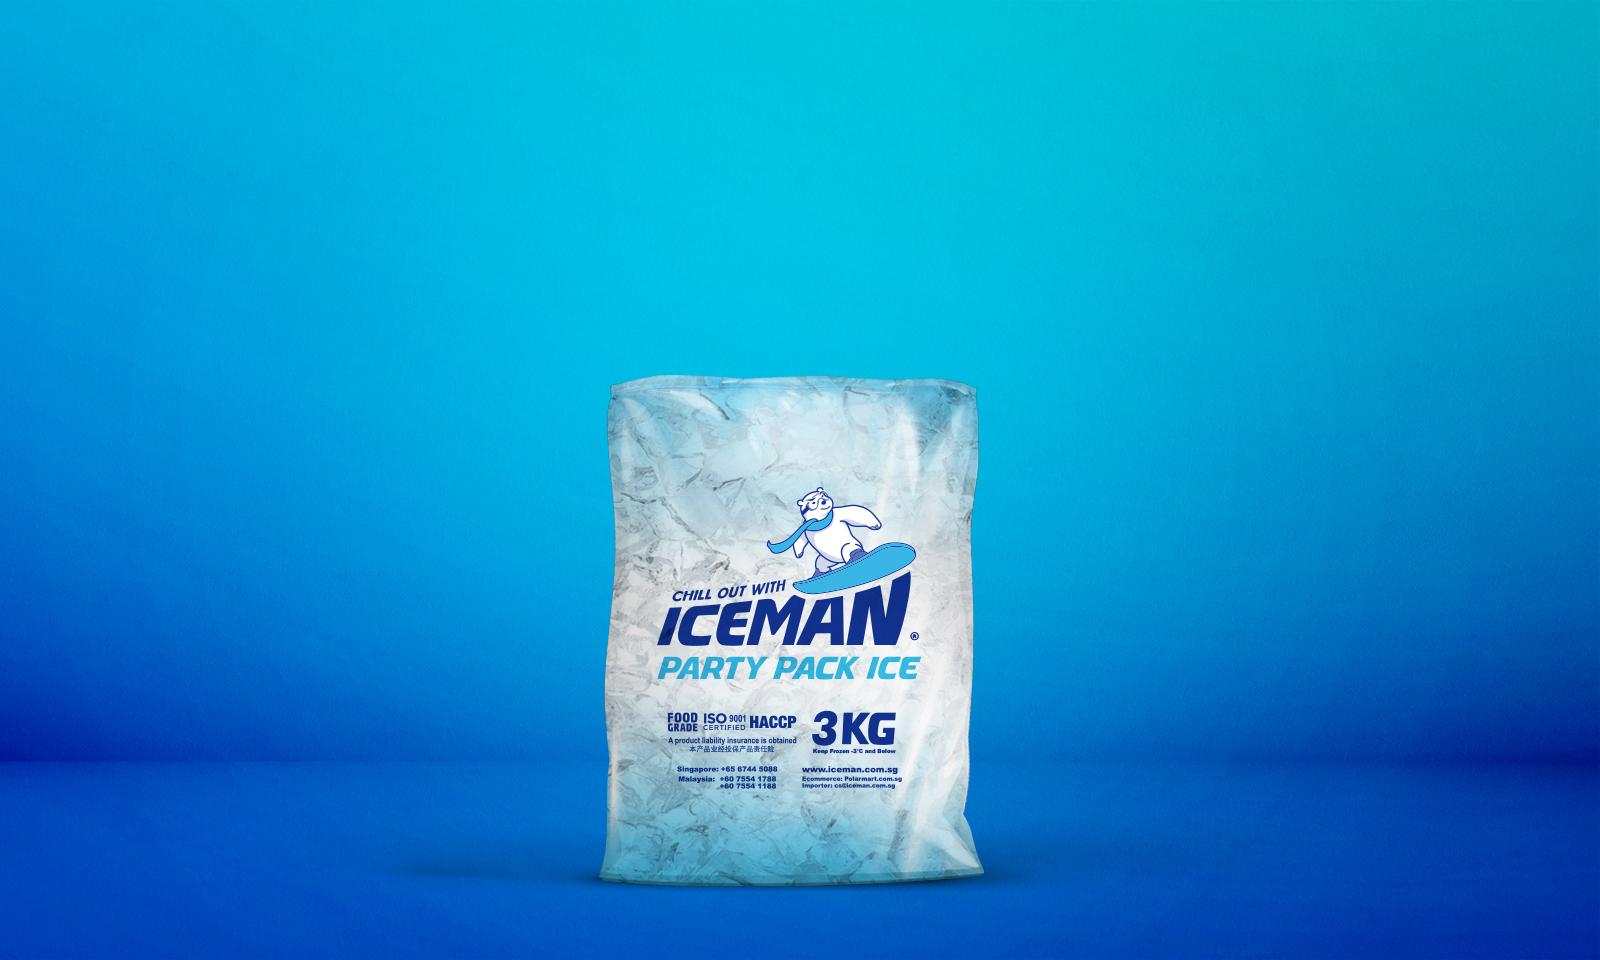 3kg-icepack.jpg